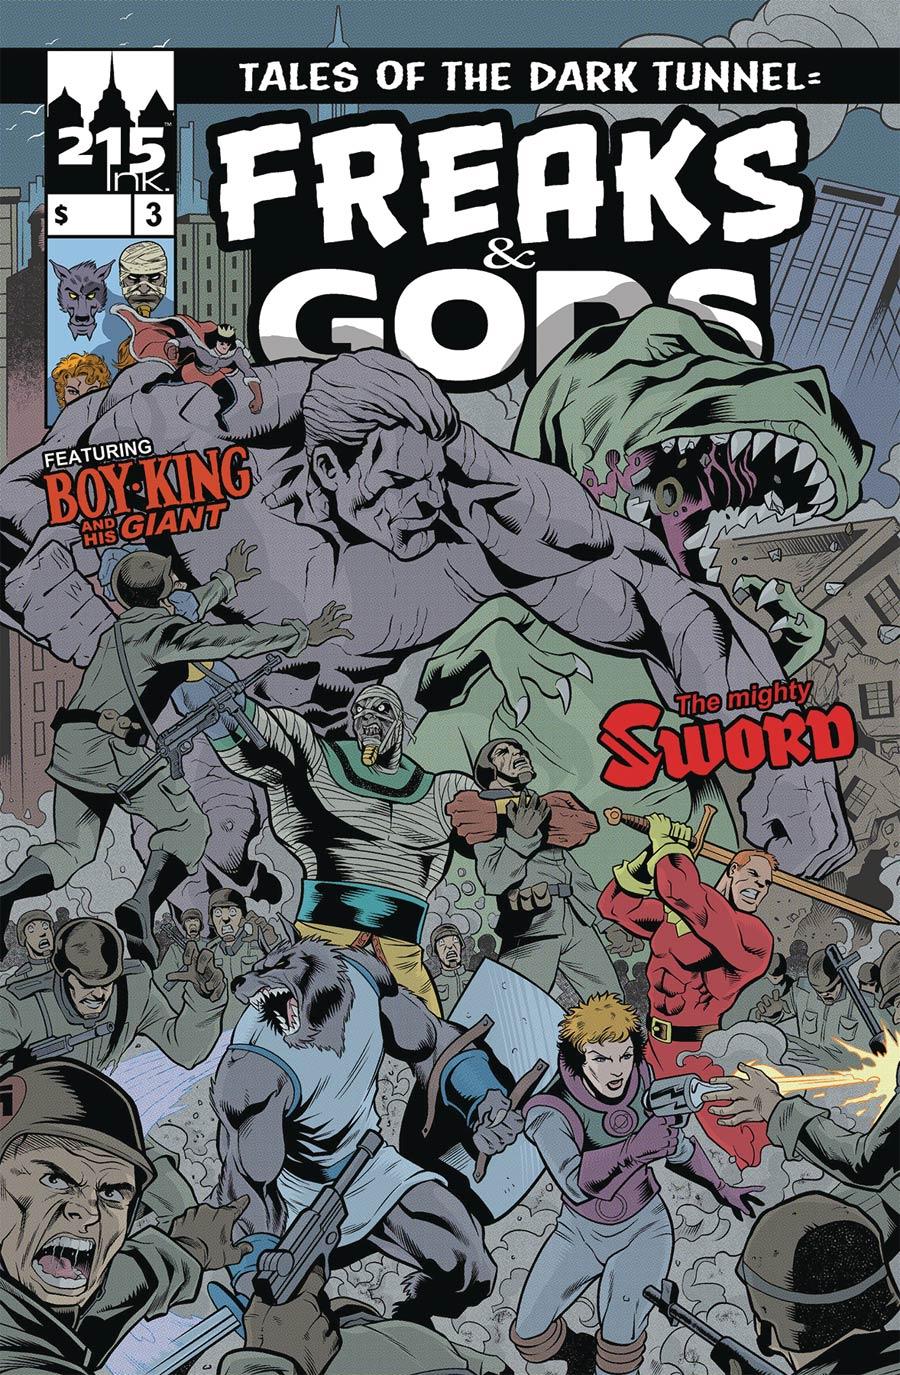 Freaks & Gods #3